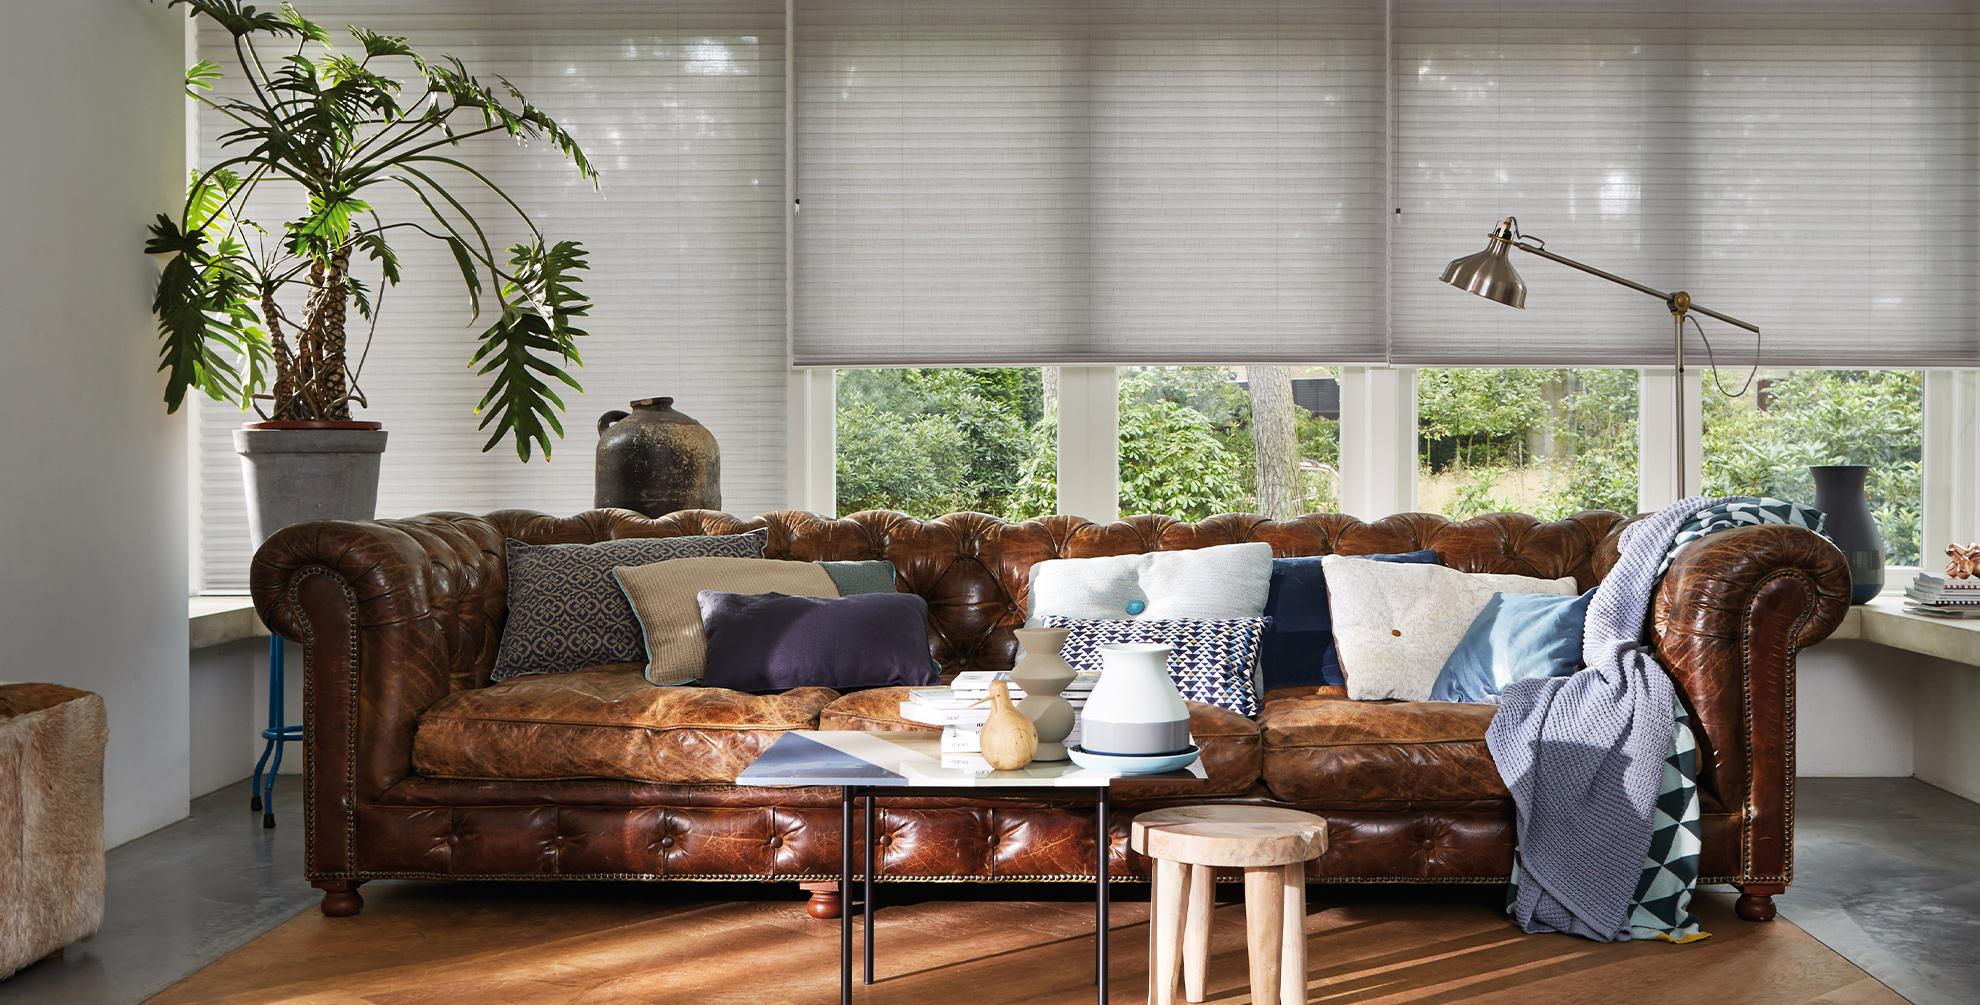 Raamdecoratie: <b>kwaliteit belangrijker</b> dan prijs